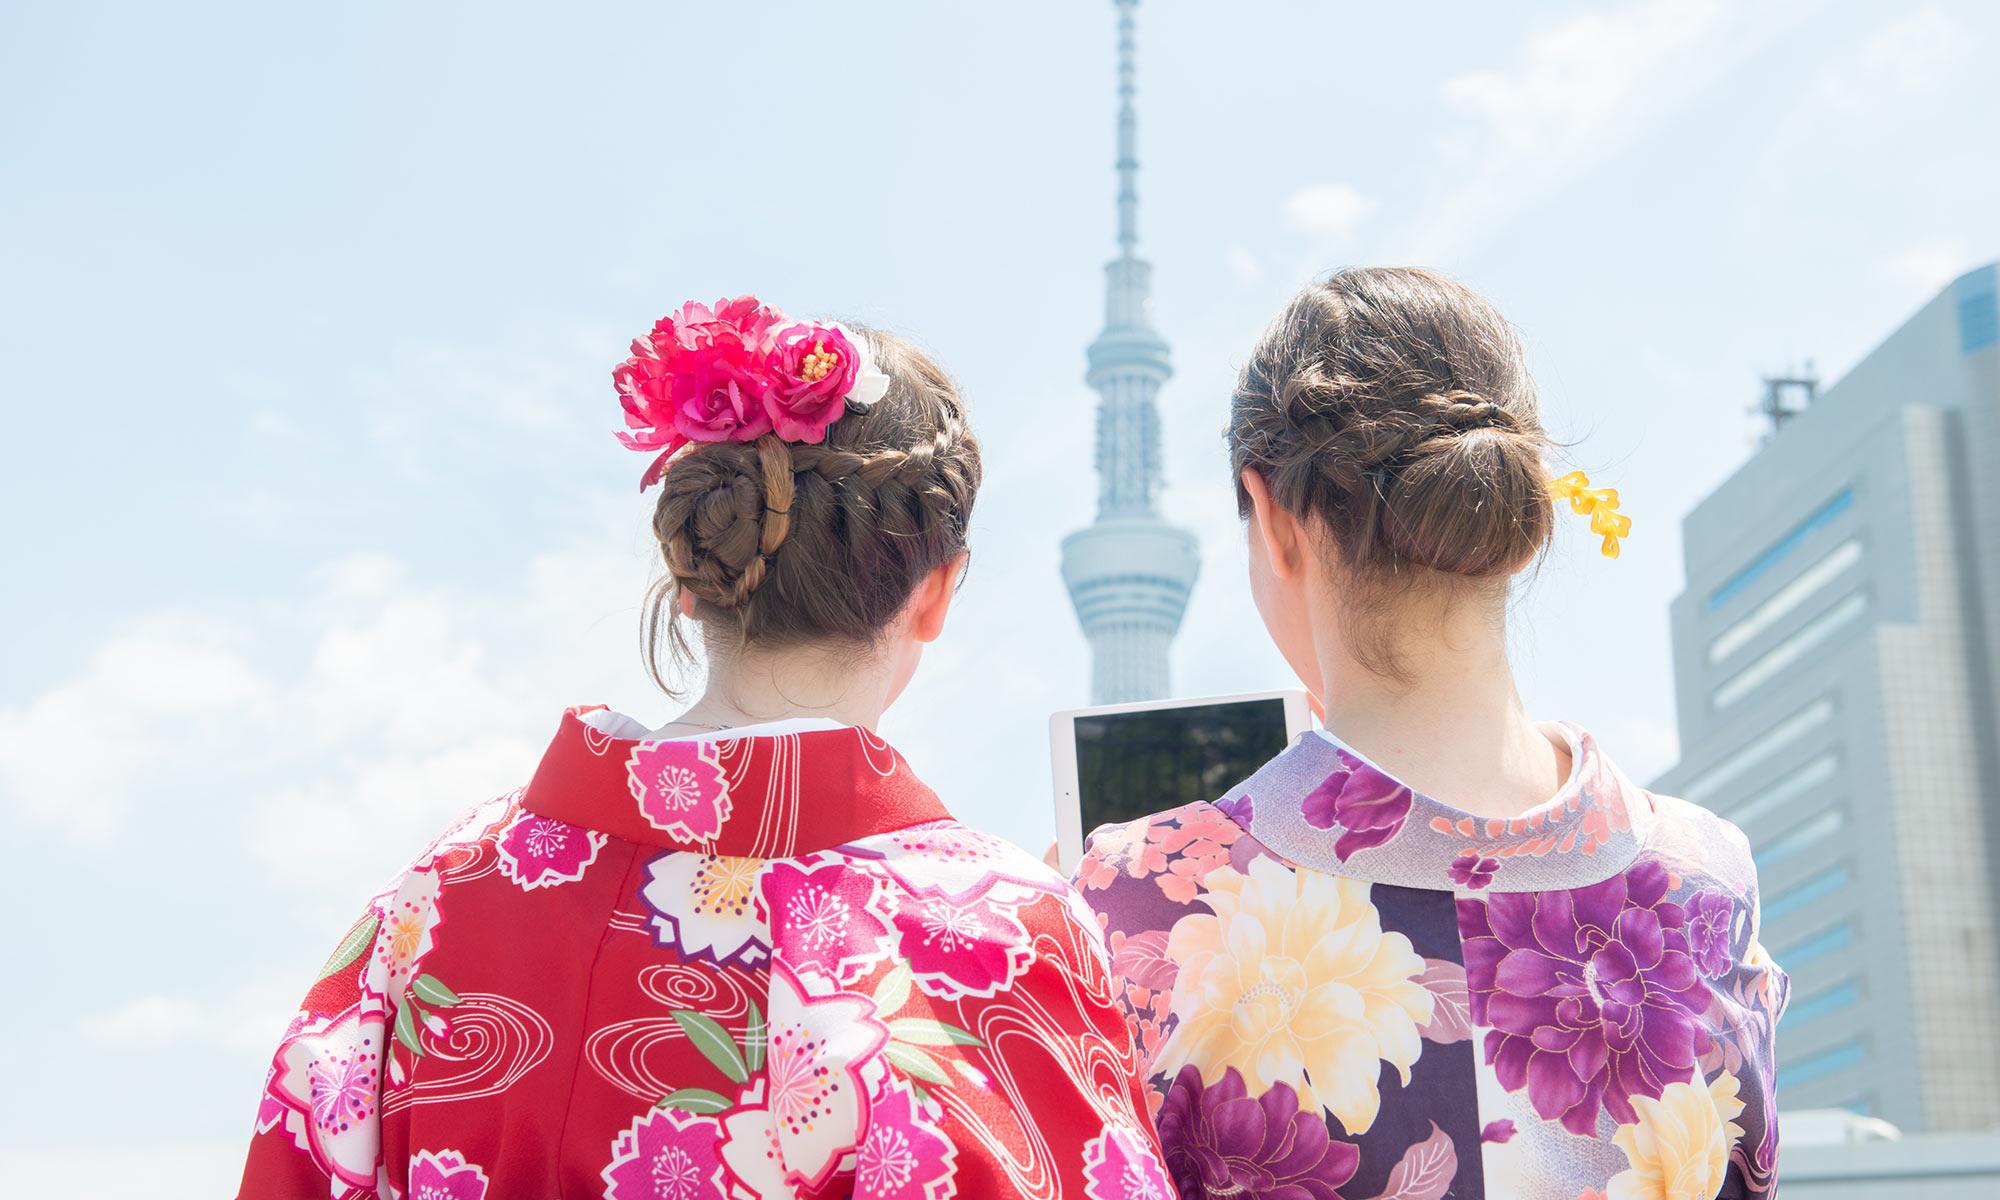 旅遊日文會話課程 | 時代國際雅思補習班